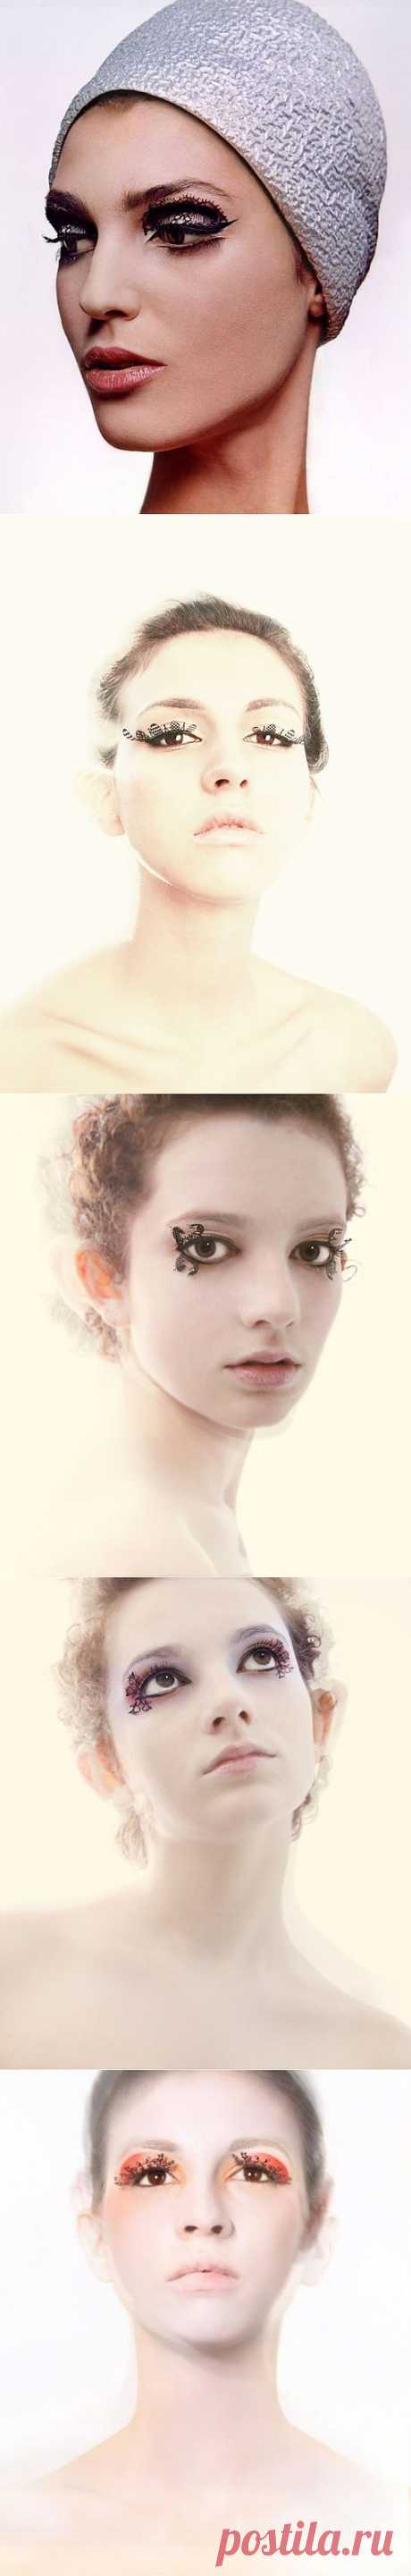 Las pestañas de encajes \/ el Maquillaje\/manicura \/ el sitio A la moda sobre el rehacimiento de estilo de la ropa y el interior